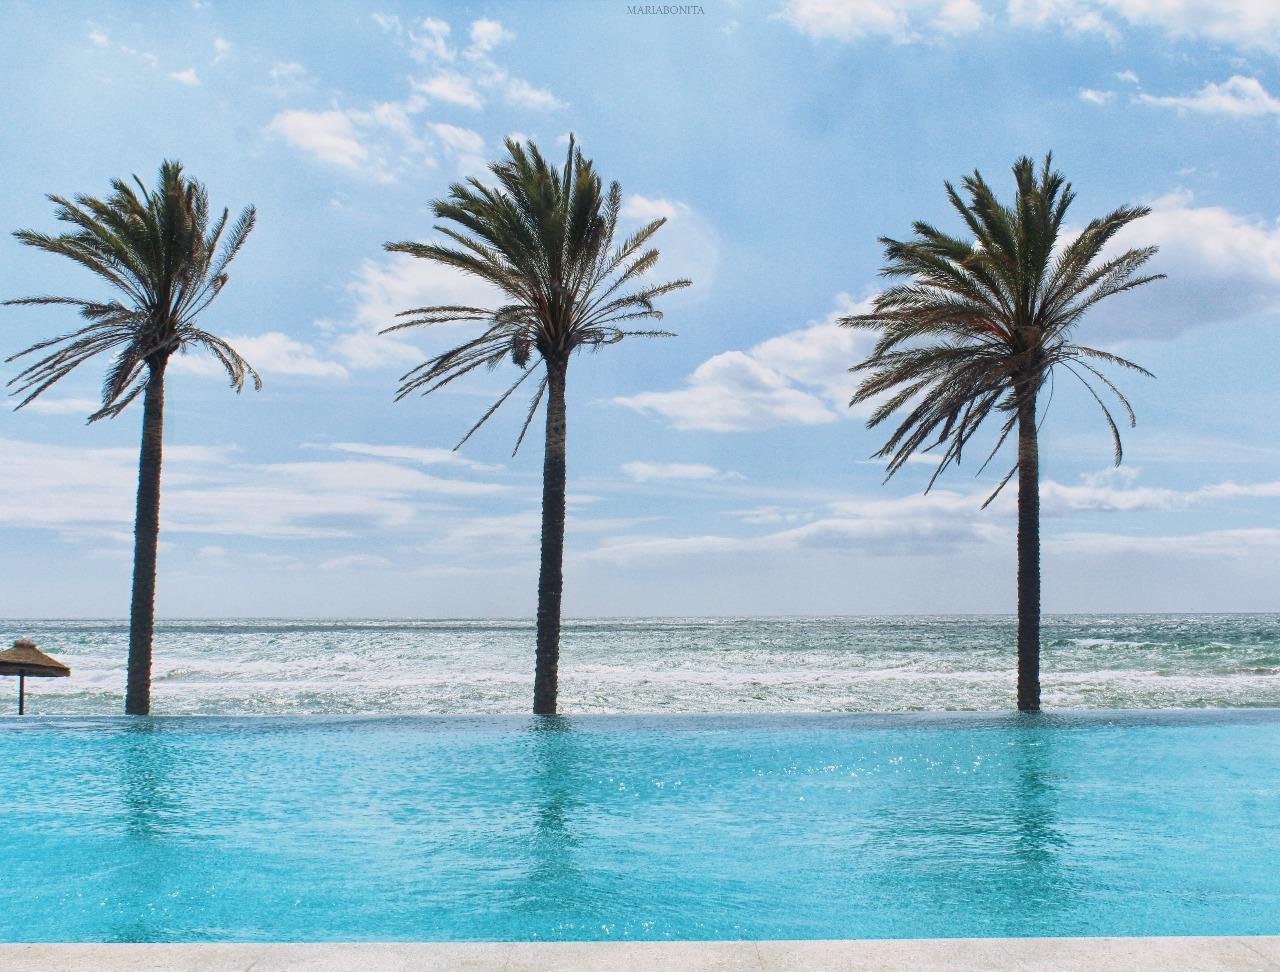 Estrella del mar beach club marbella events guide - Estrella del mar beach club ...